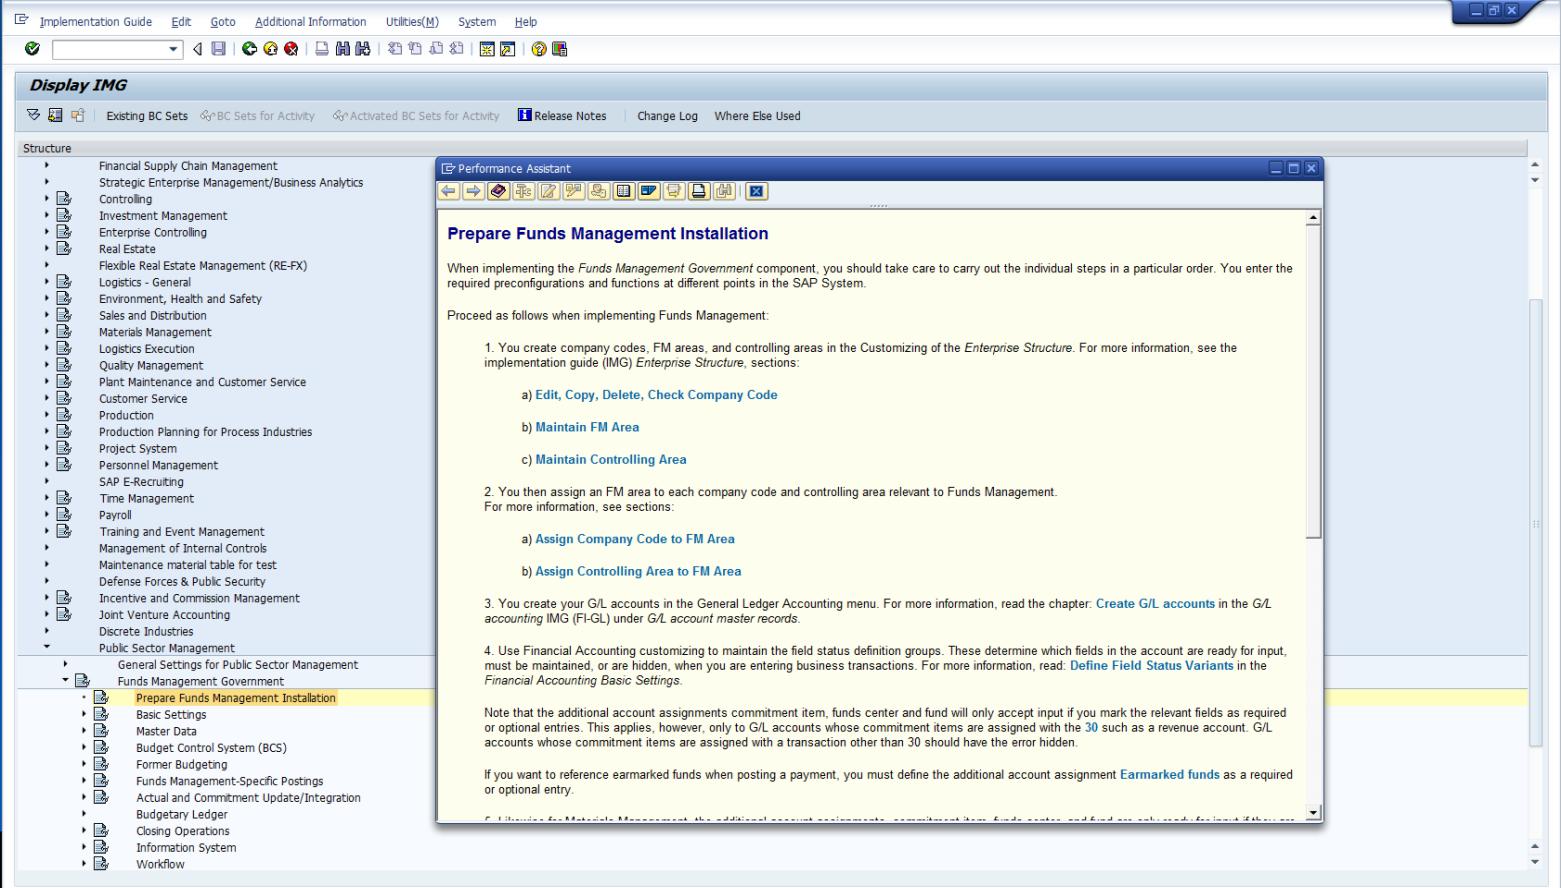 Funds management psm fm activation and deactivation sap blogs imgpreparefmg xflitez Image collections